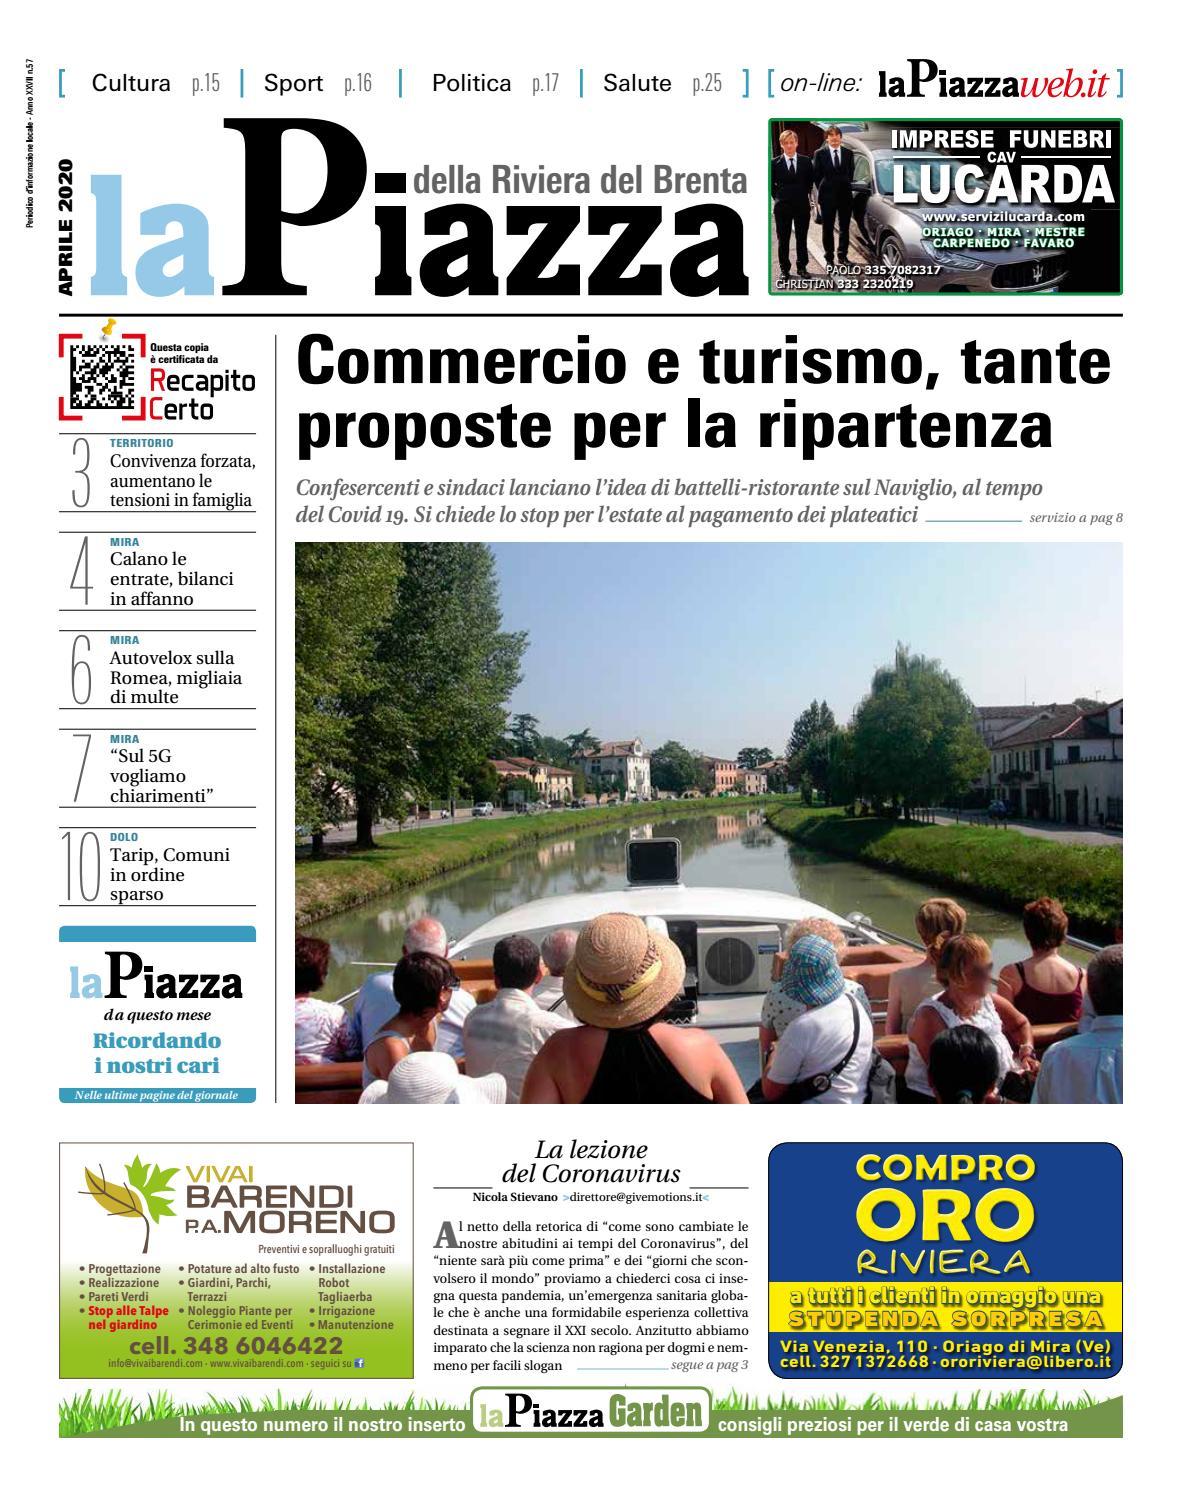 La Piazza Della Riviera Del Brenta Apr2020 N57 By Lapiazza Give Emotions Issuu